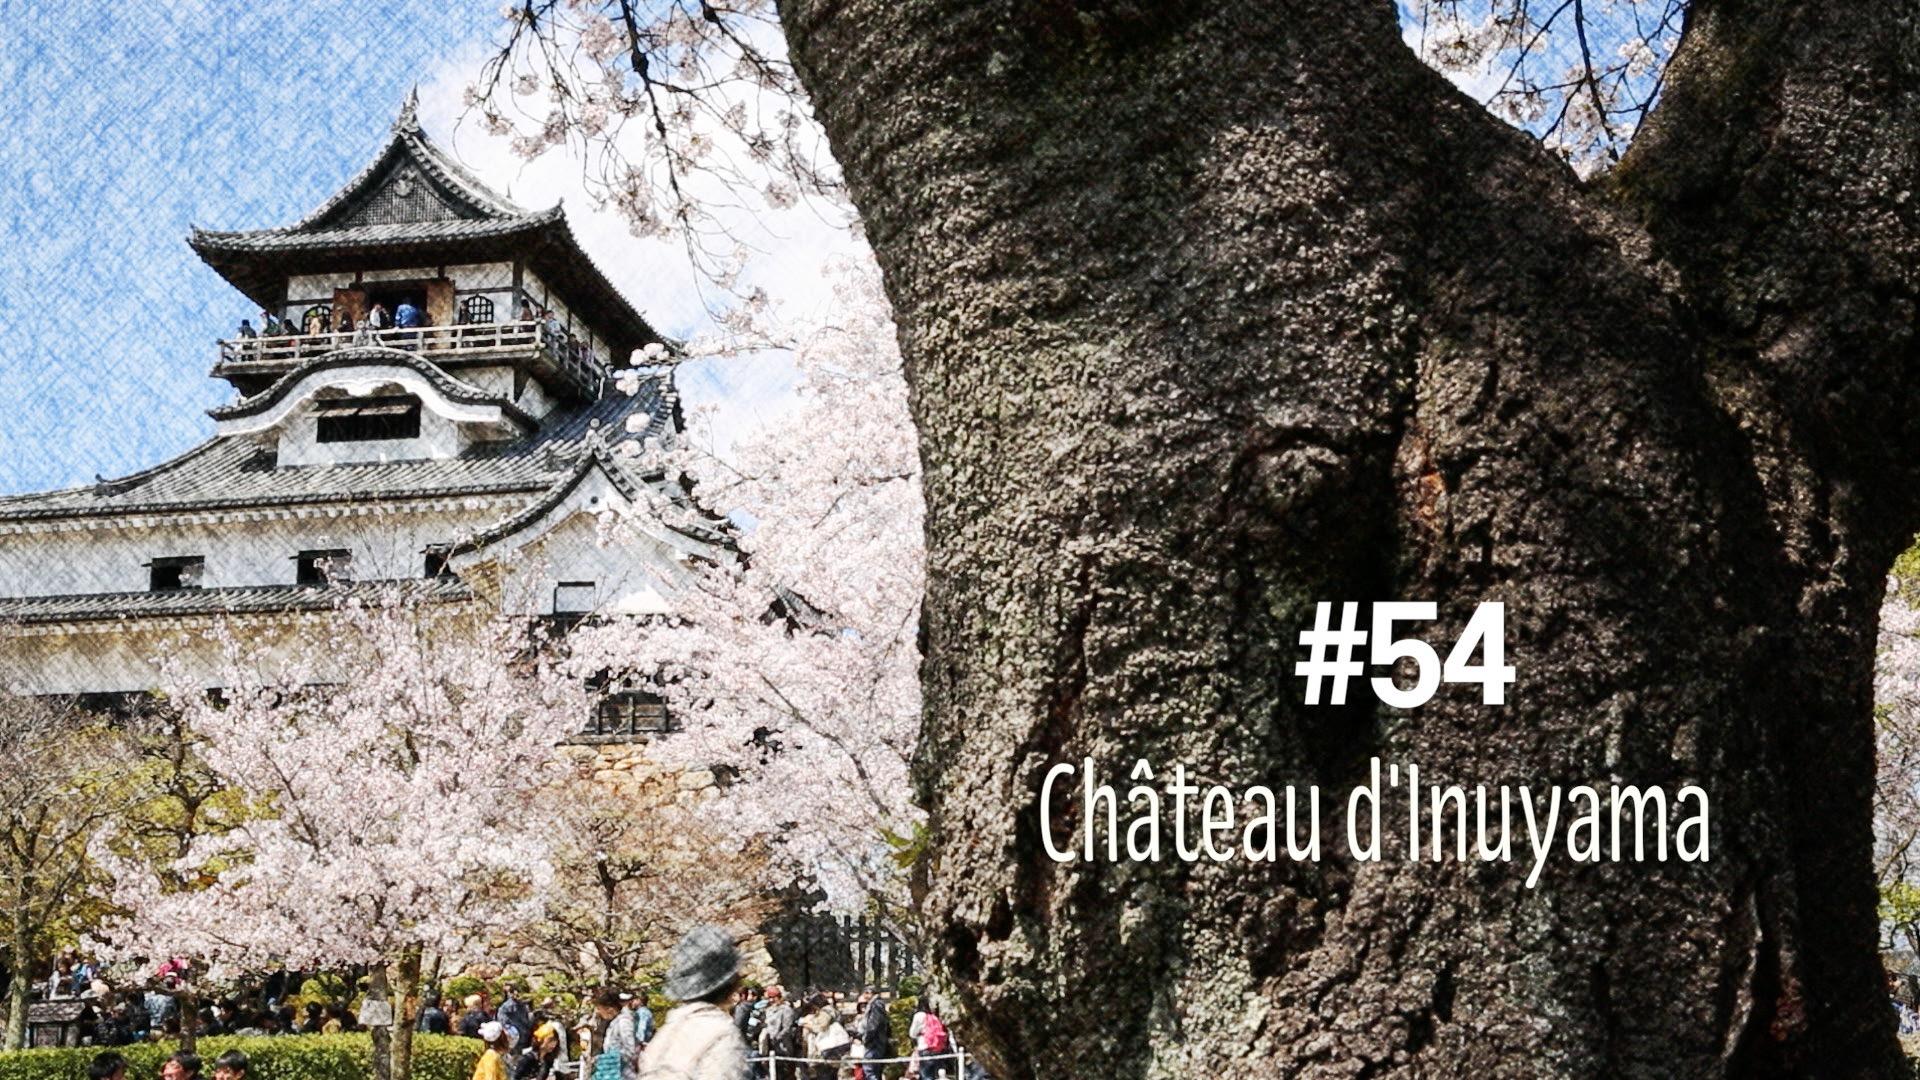 Le château d'Inuyama